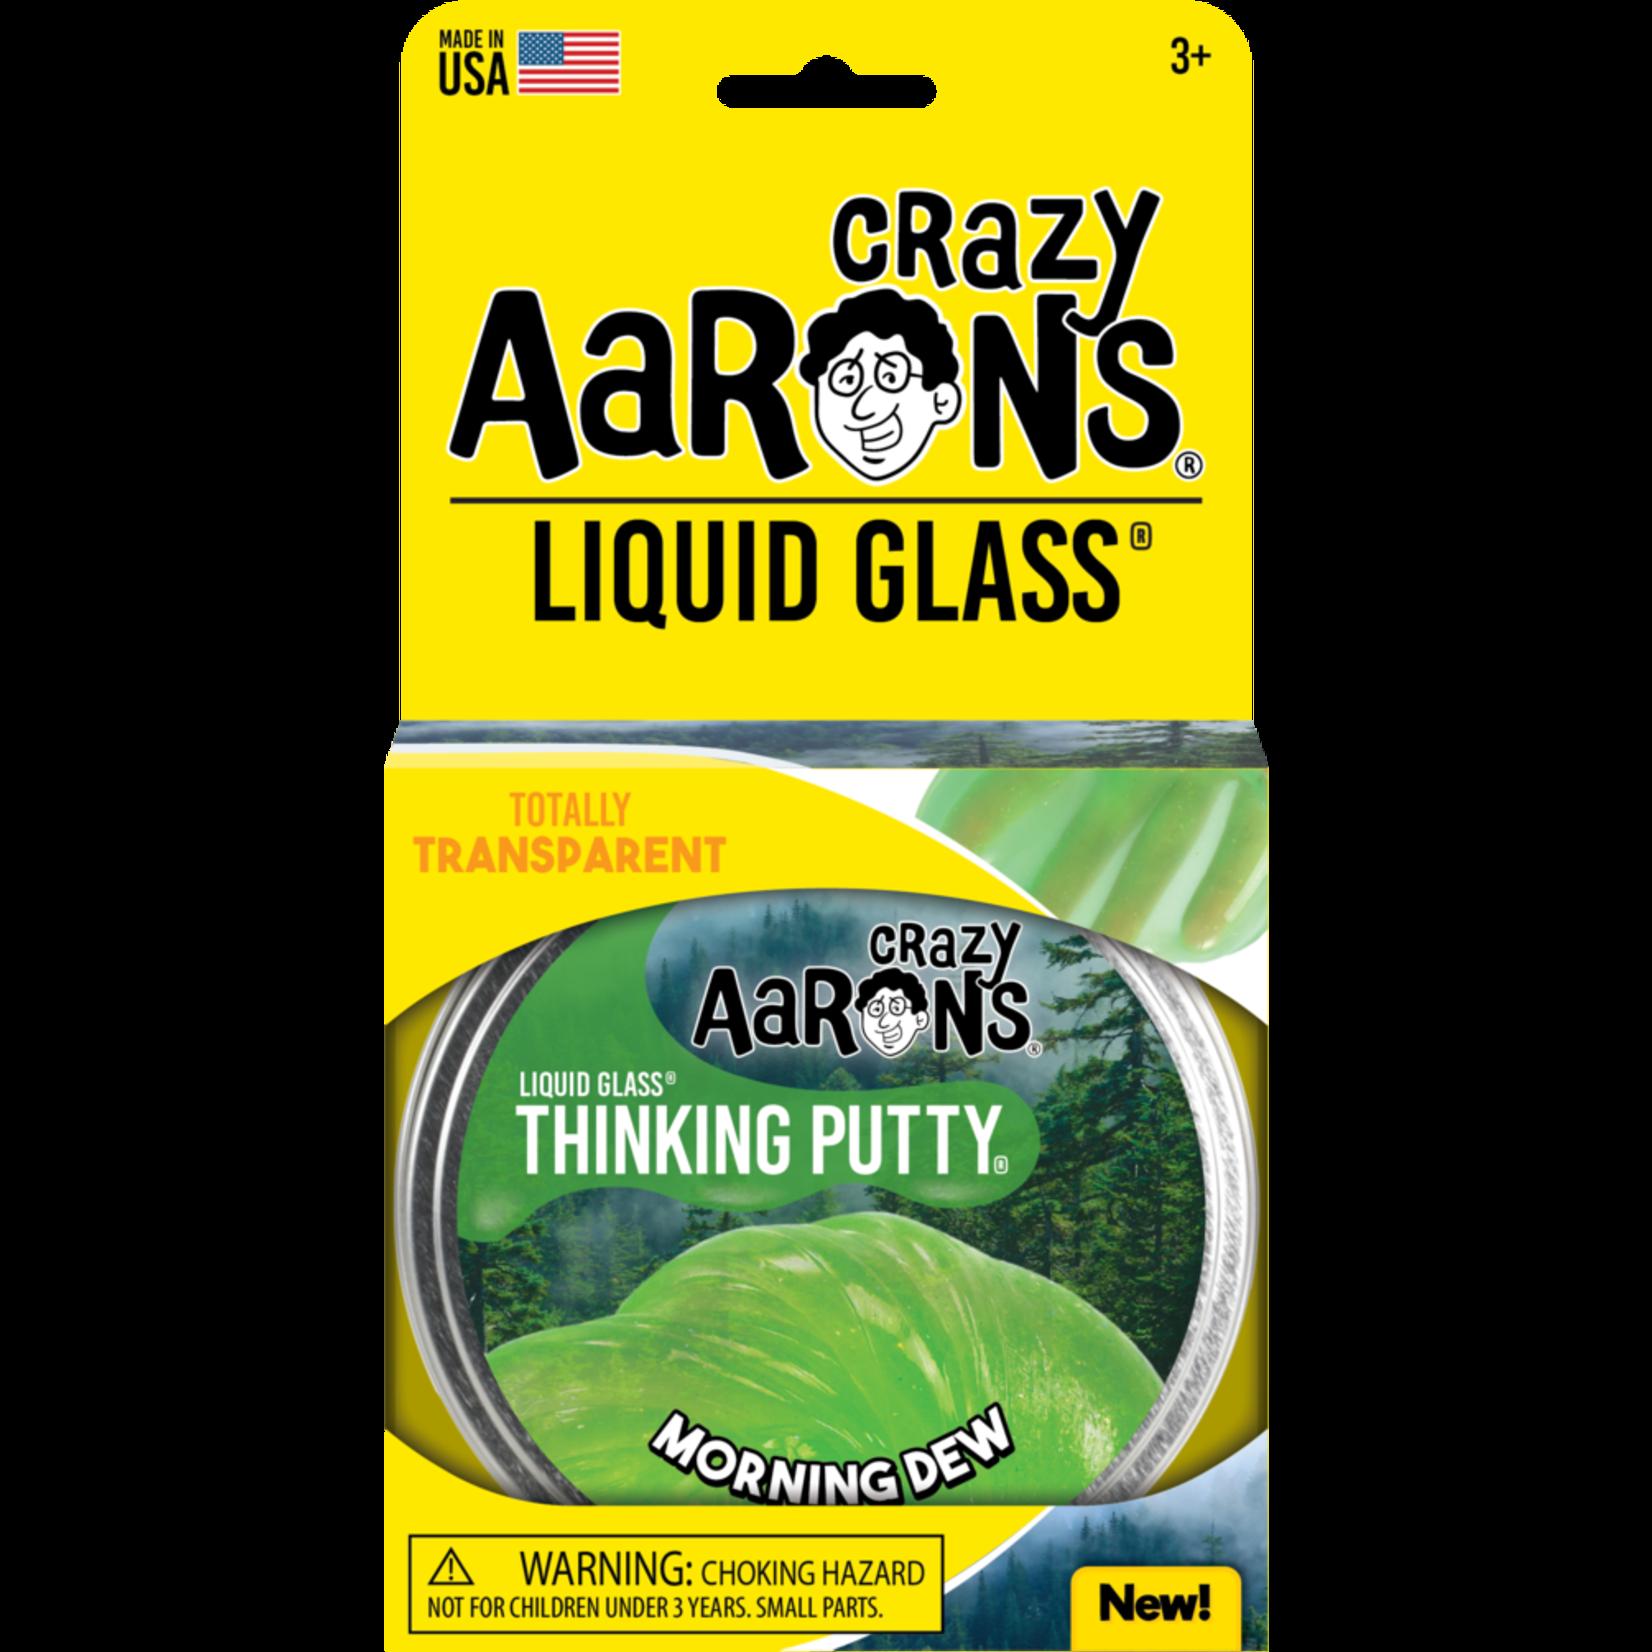 CRAZY AARON'S MORNING DEW